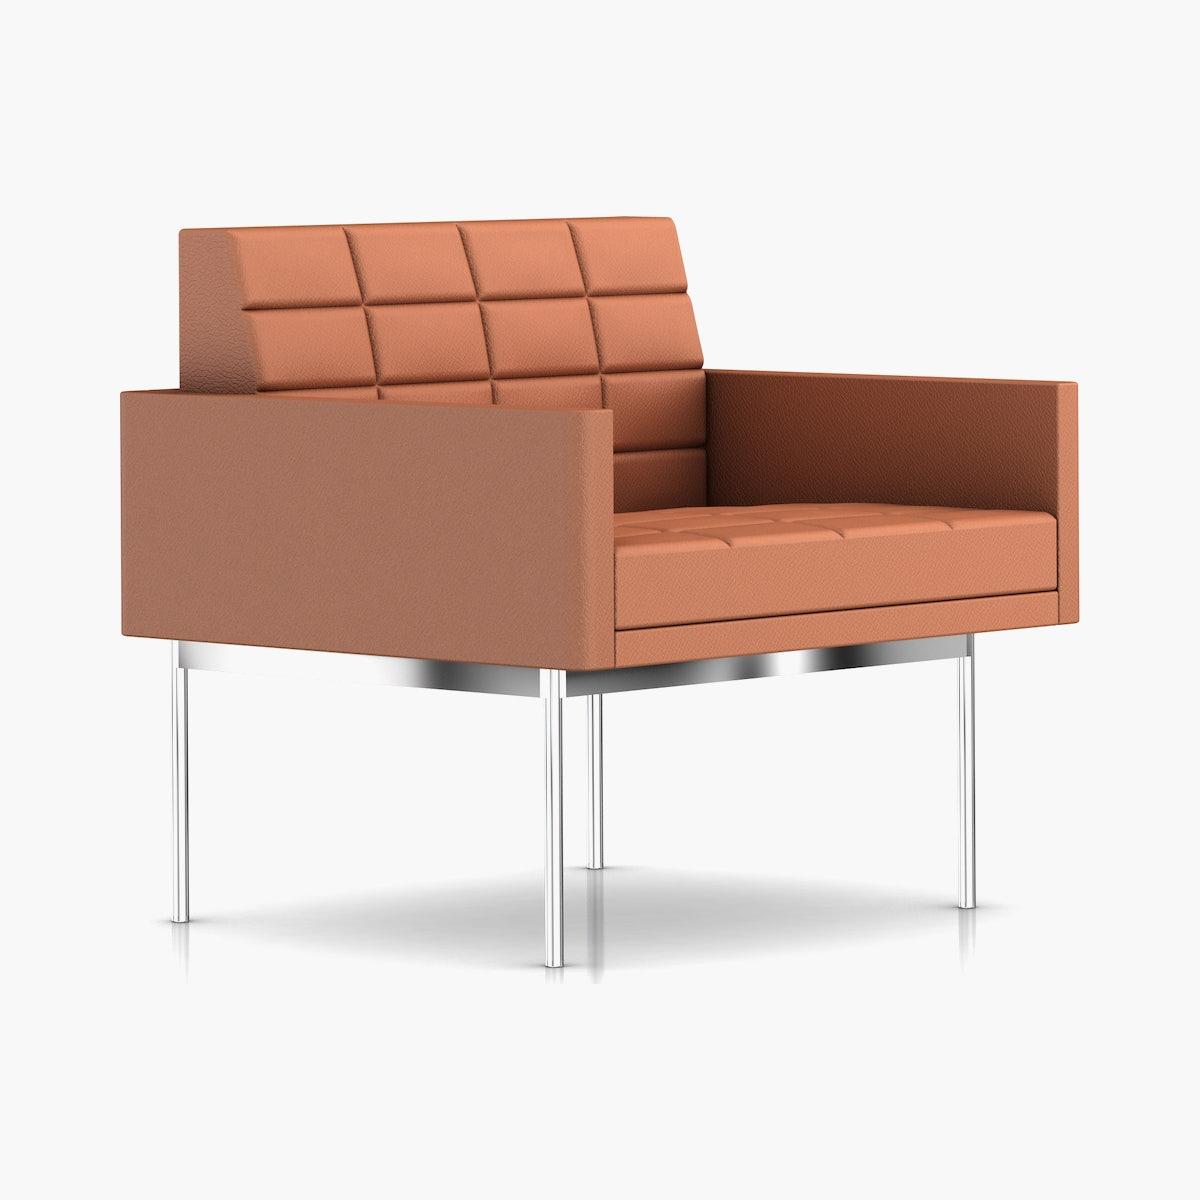 Tuxedo Club Chair